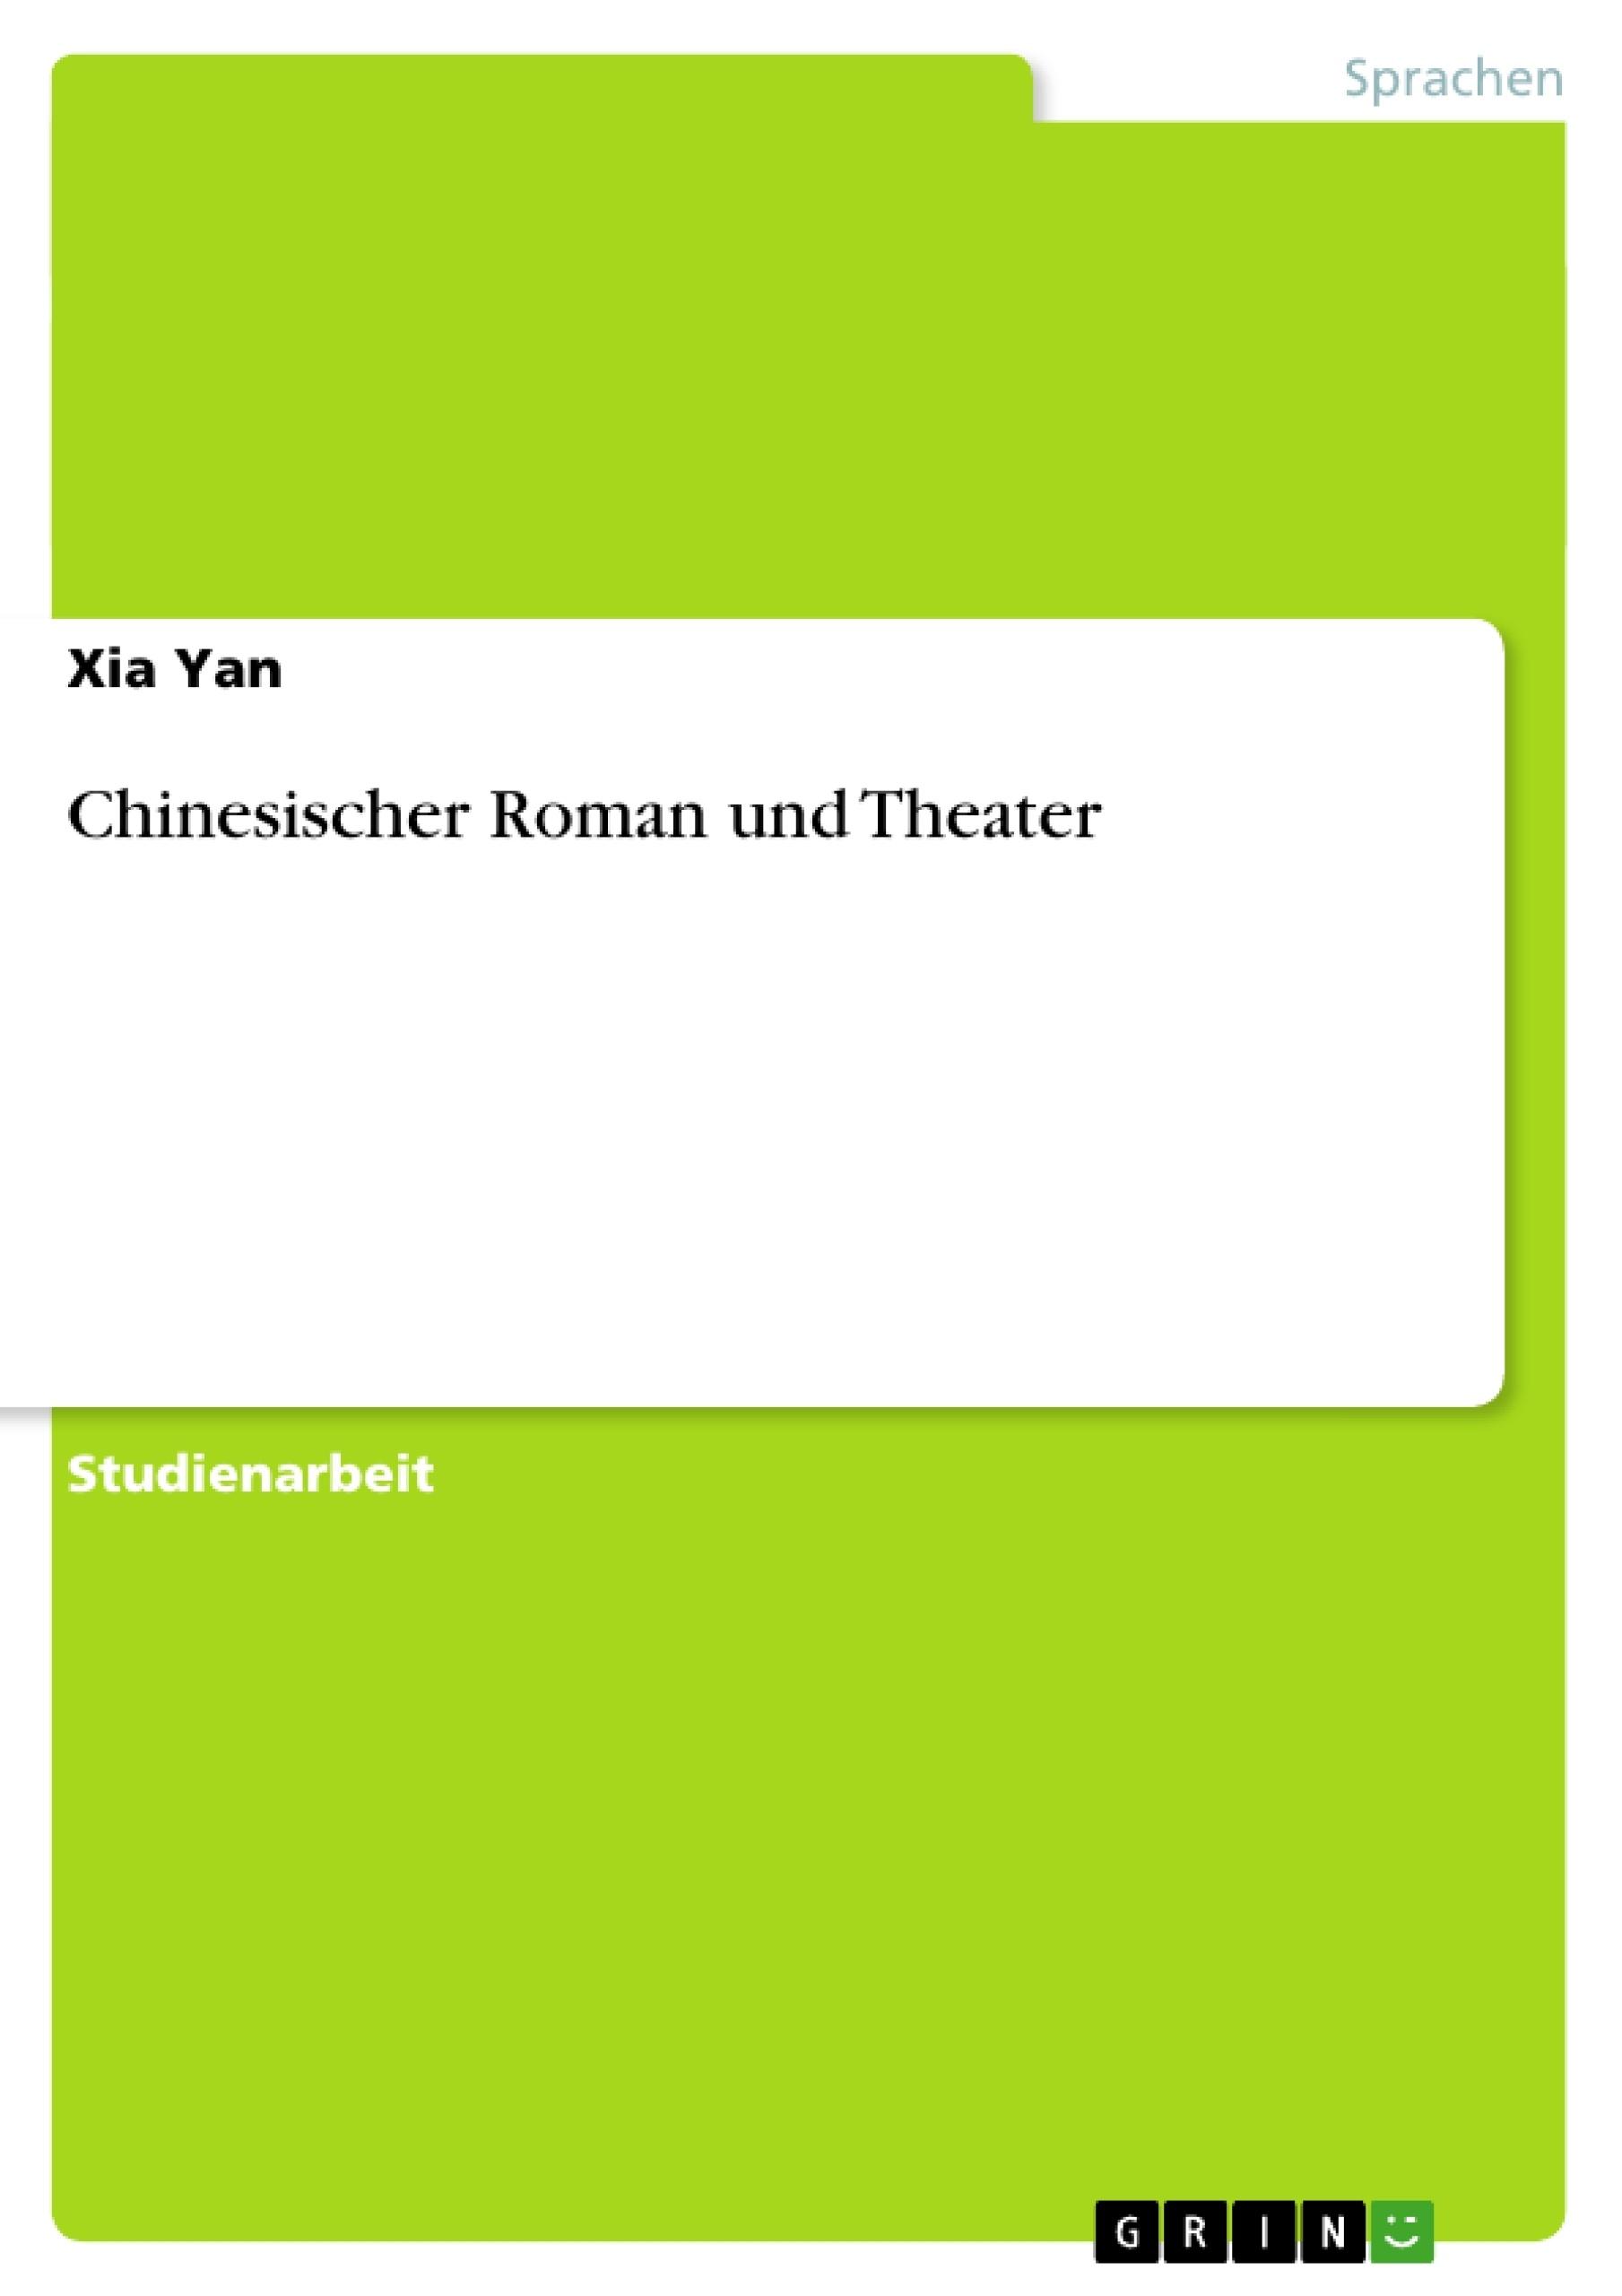 Titel: Chinesischer Roman und Theater